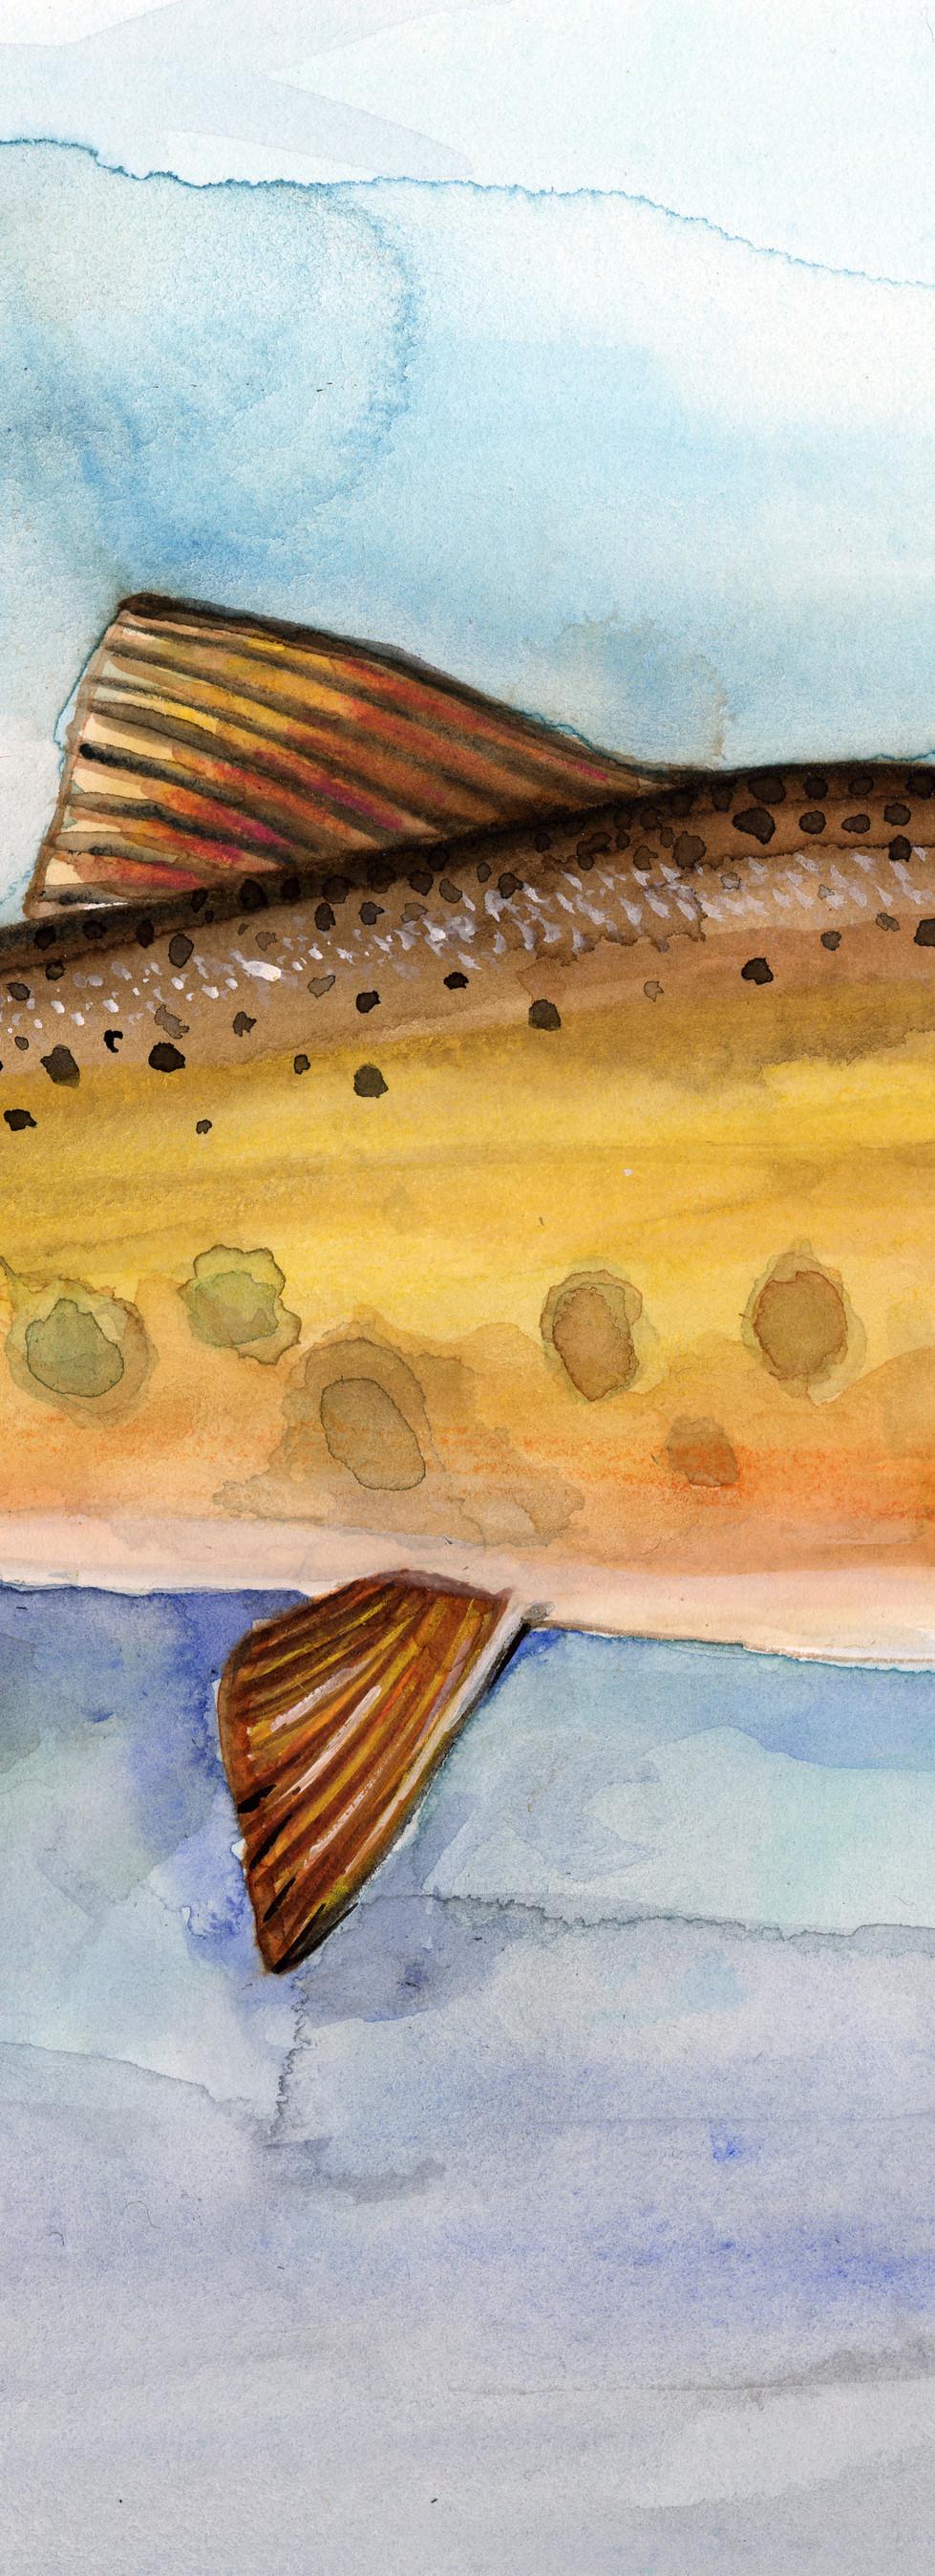 Western Slope Cutthroat Troat